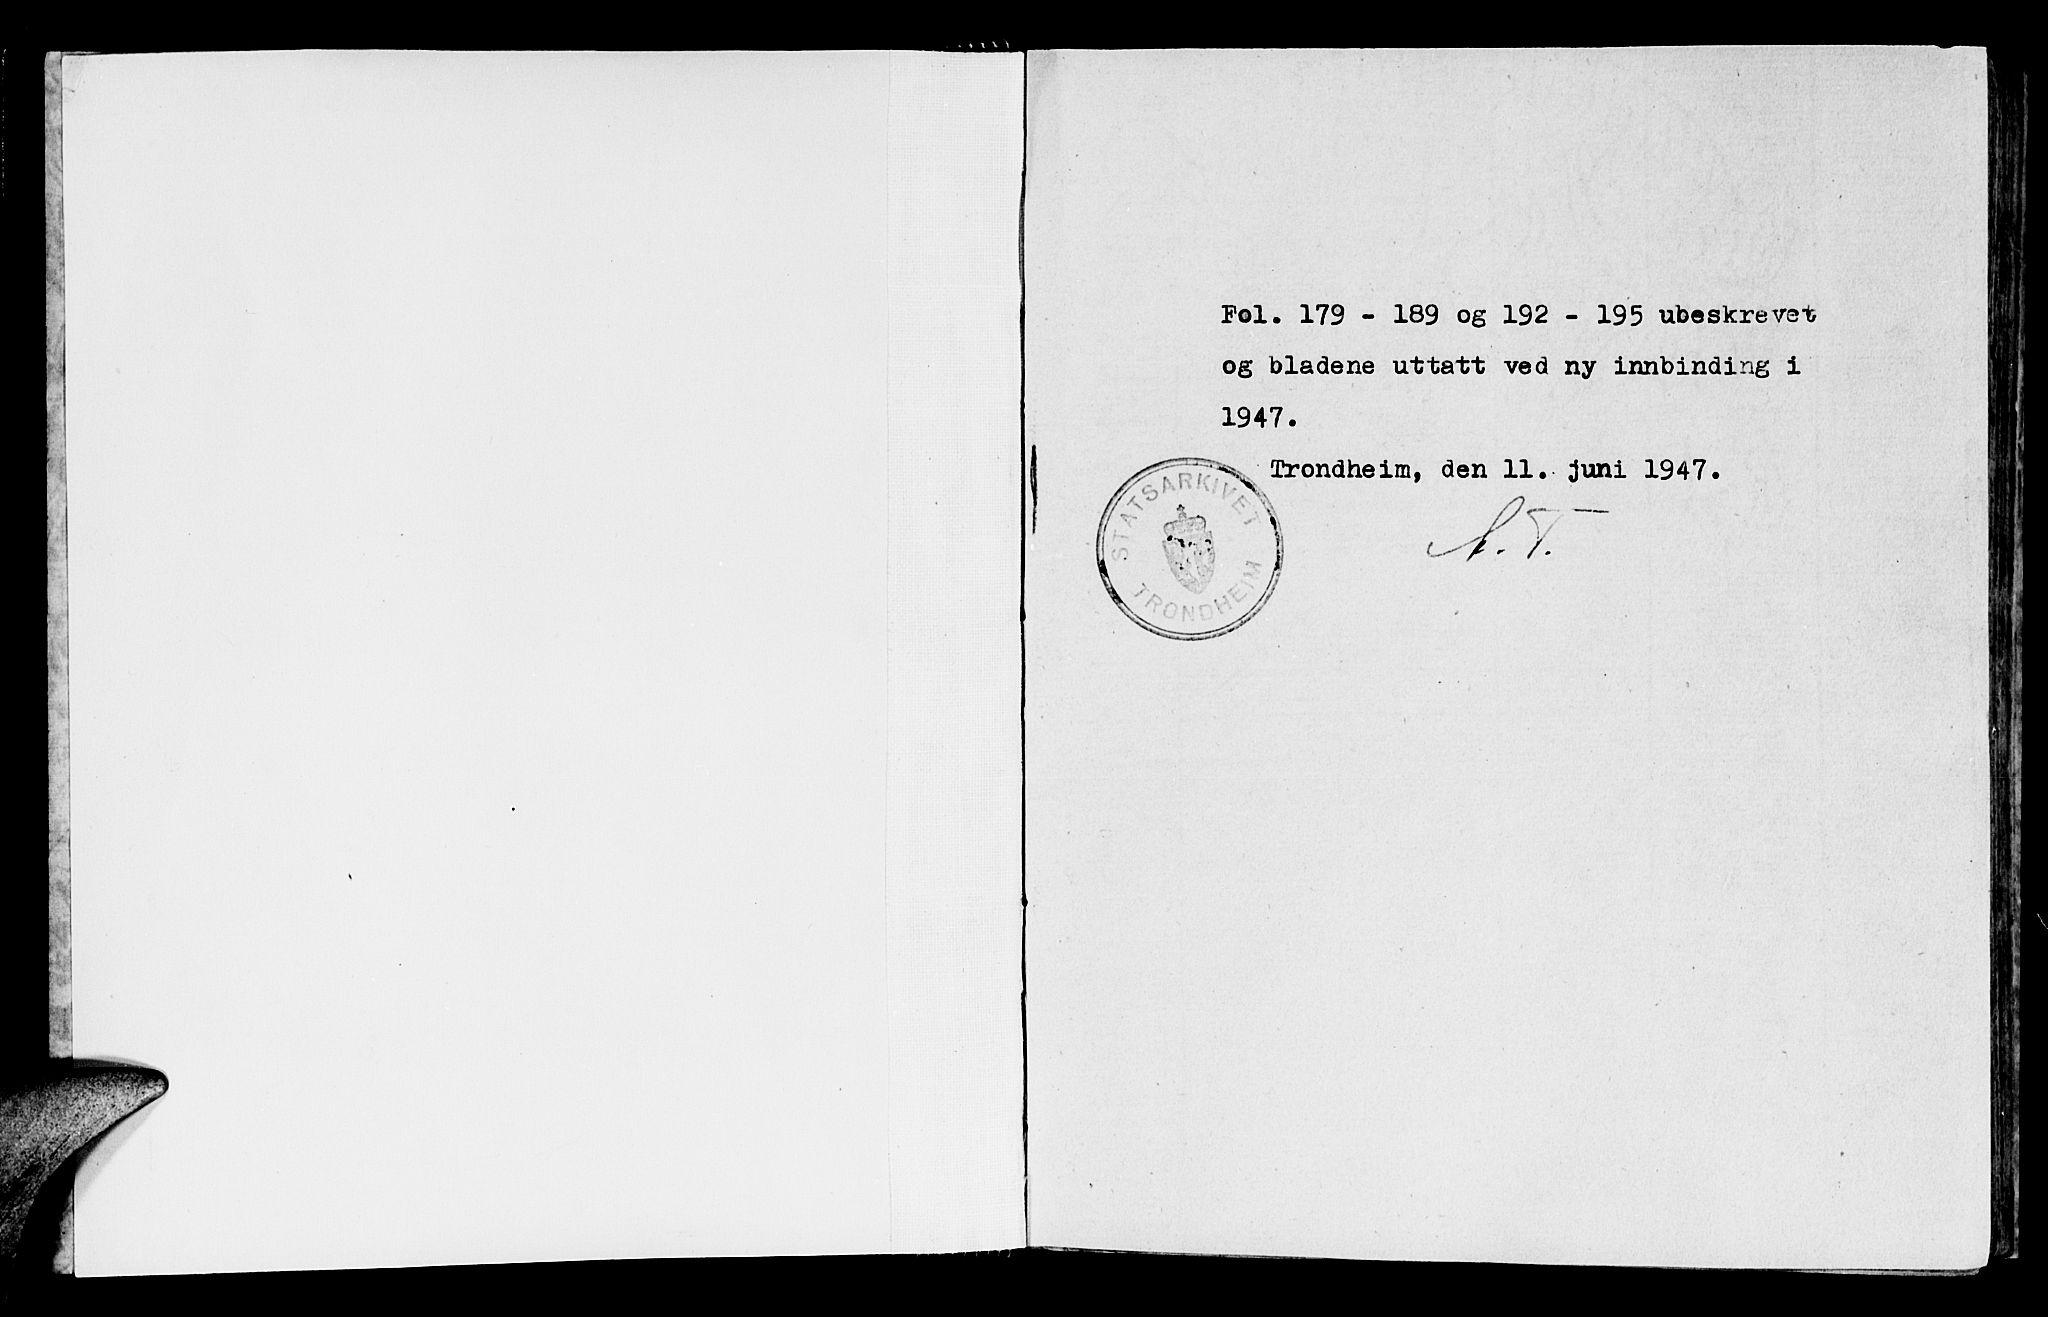 SAT, Ministerialprotokoller, klokkerbøker og fødselsregistre - Sør-Trøndelag, 665/L0768: Ministerialbok nr. 665A03, 1754-1803